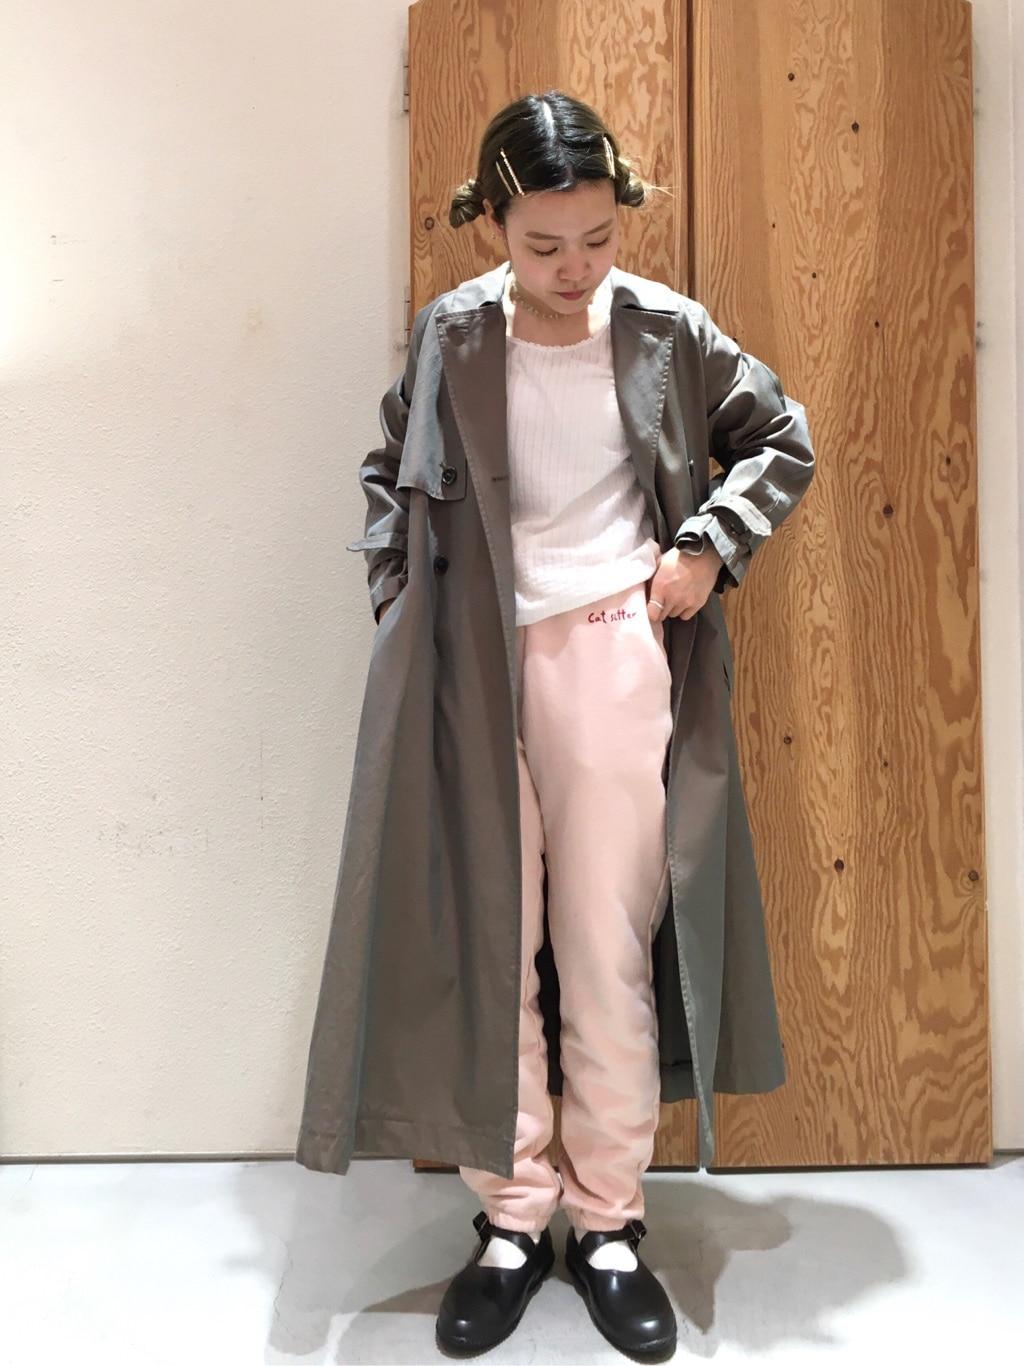 l'atelier du savon グランフロント大阪 身長:155cm 2021.02.10